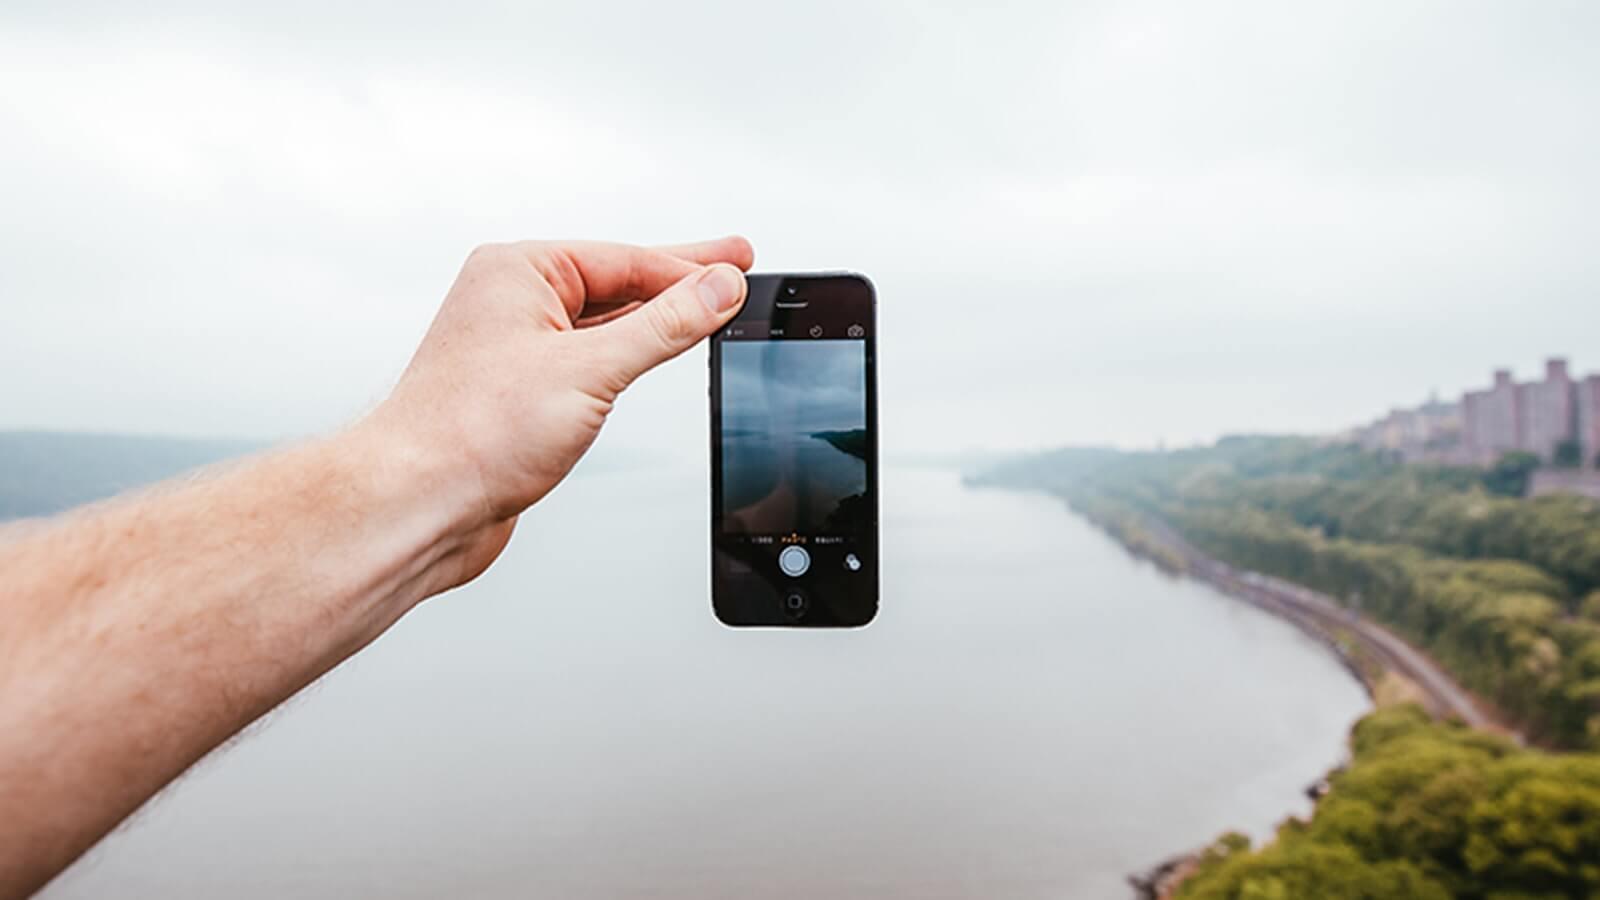 【iPhoneの防水性能】防水ではなく耐水としている理由って?|スマブロ